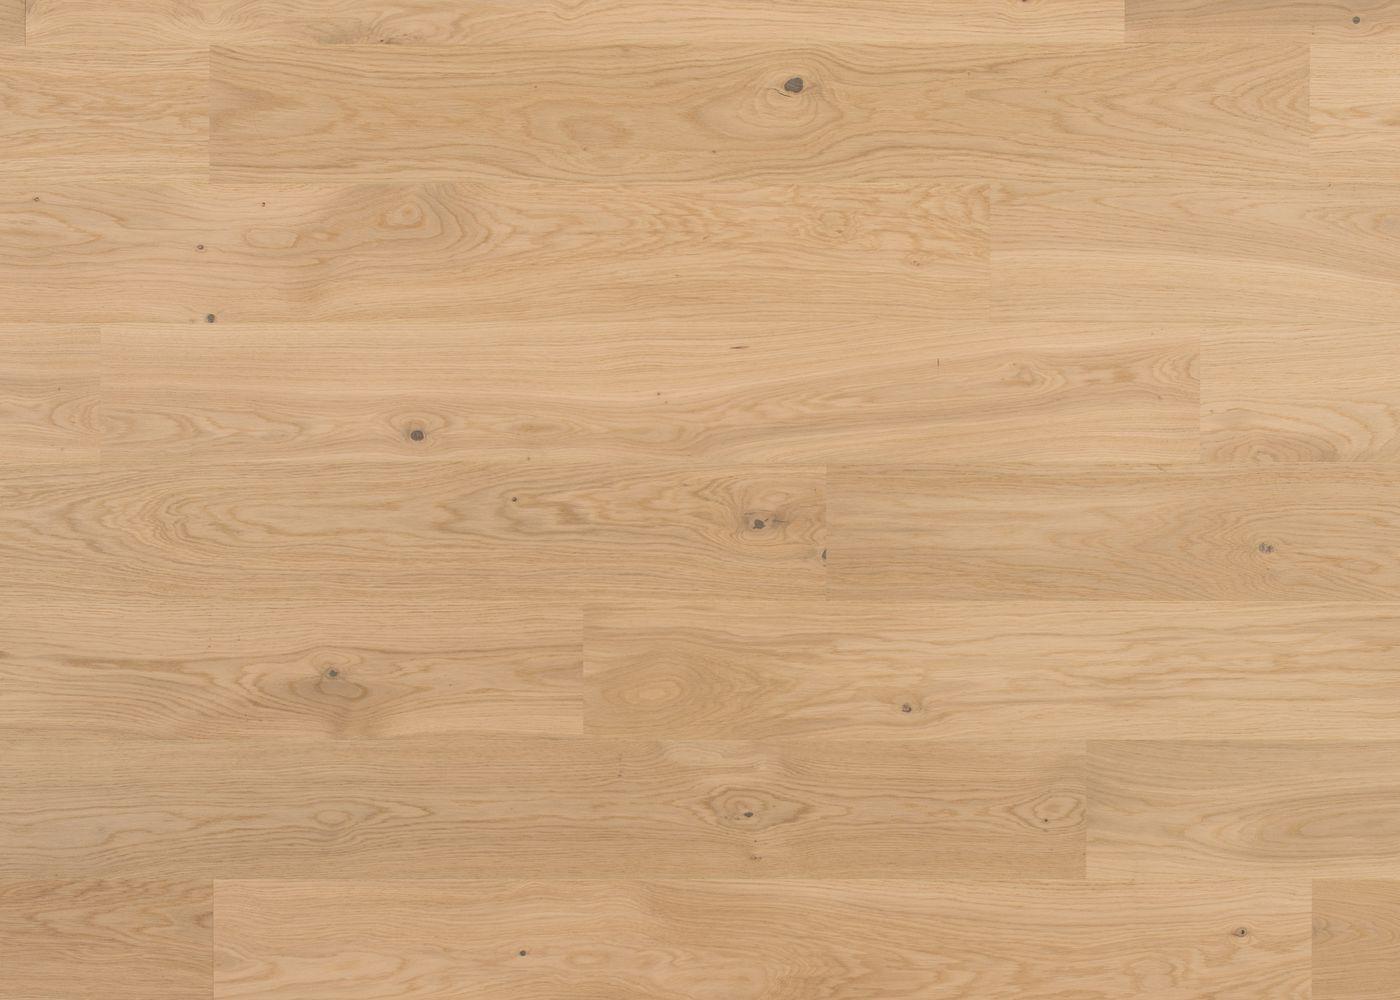 Sol plaqué bois Chêne Côme brossé vernis extra-mat - Deluxe - Elégance 12x166x1810